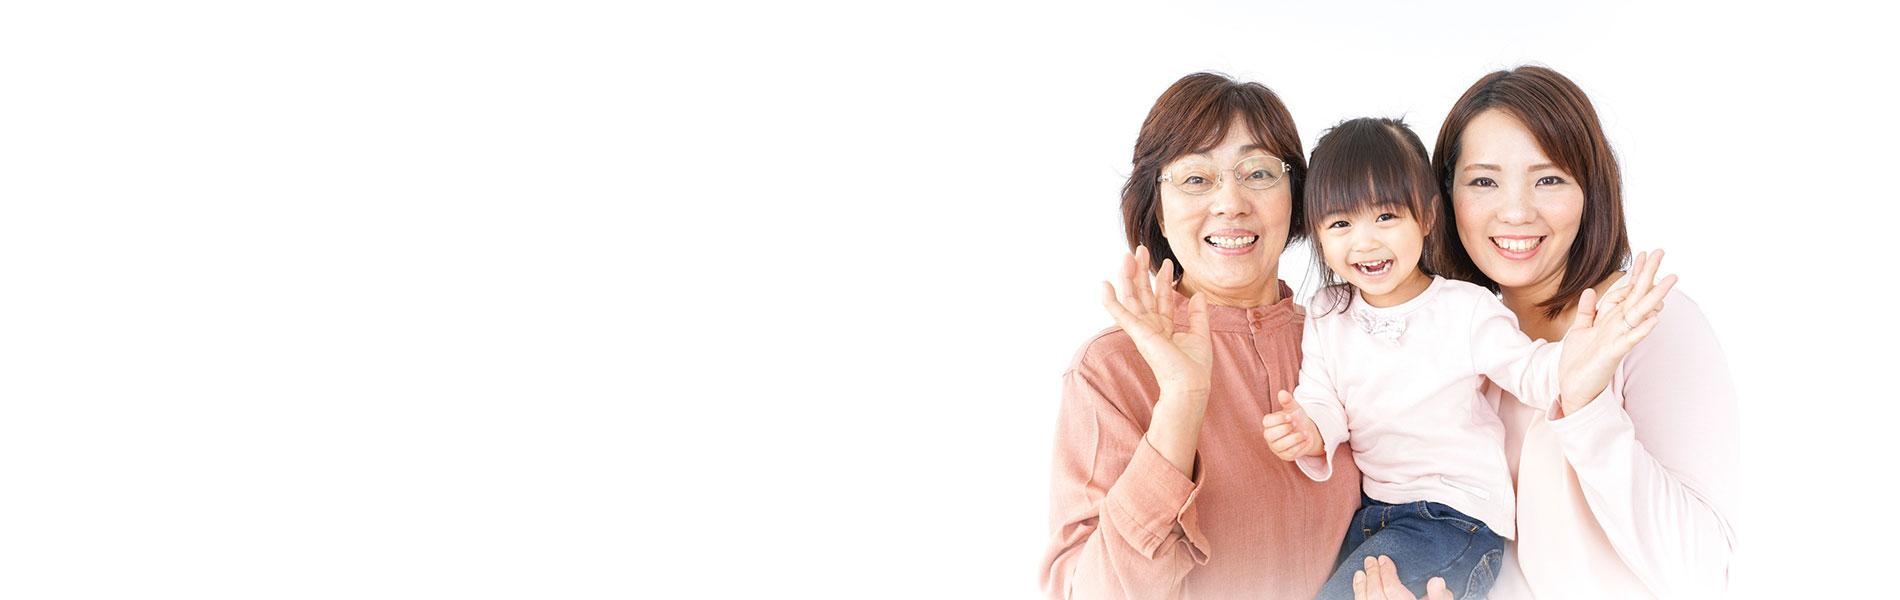 分娩、がん検診から更年期障害まで診療いたします